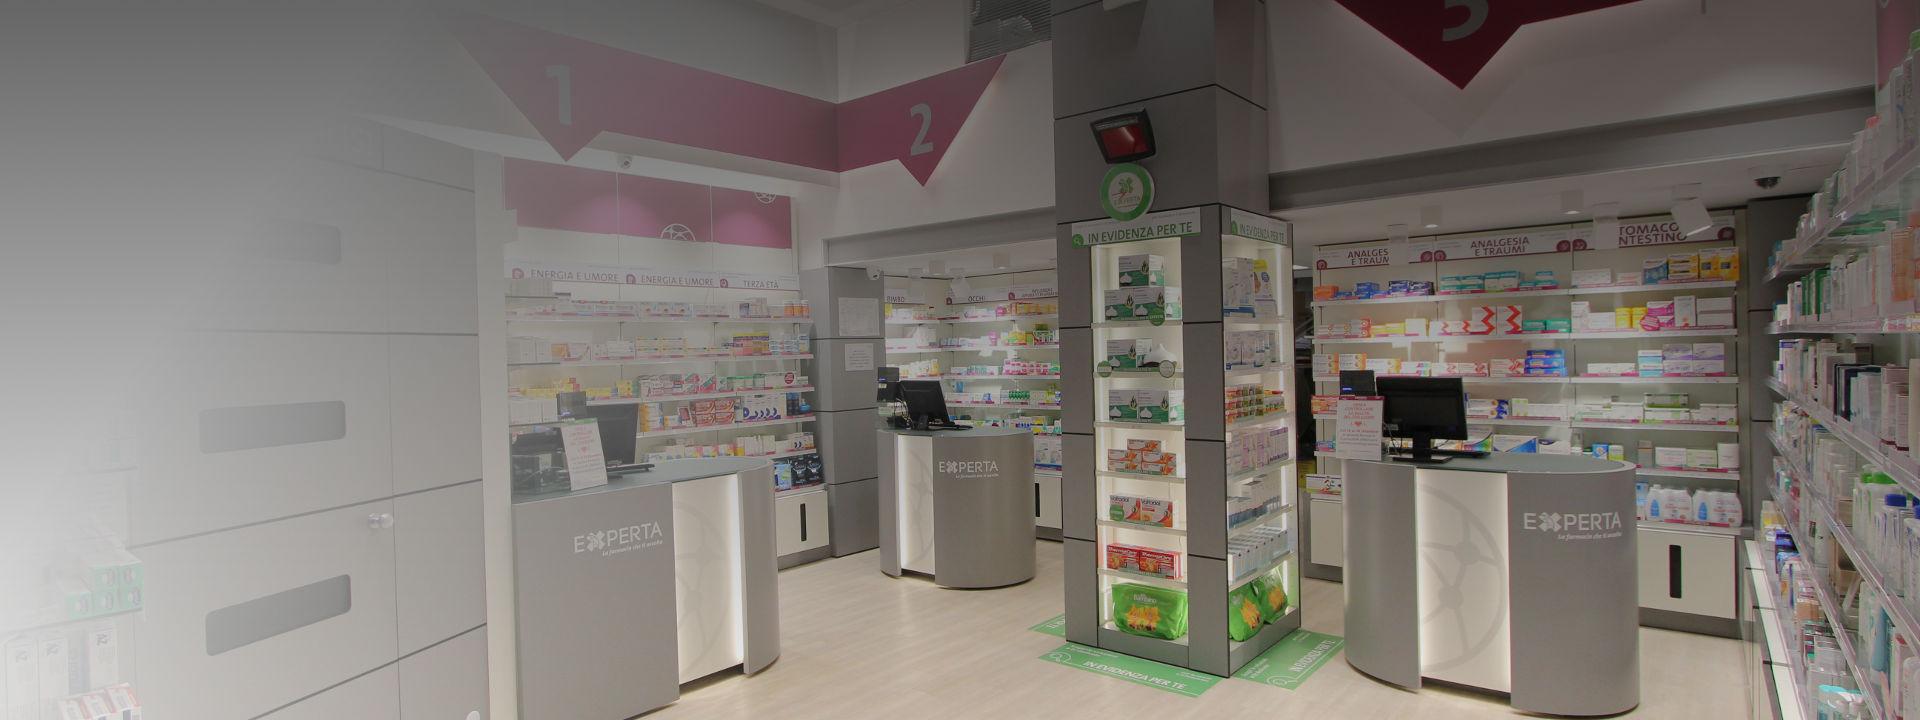 Farmacie Comunali Torino - farmacia dei servizi